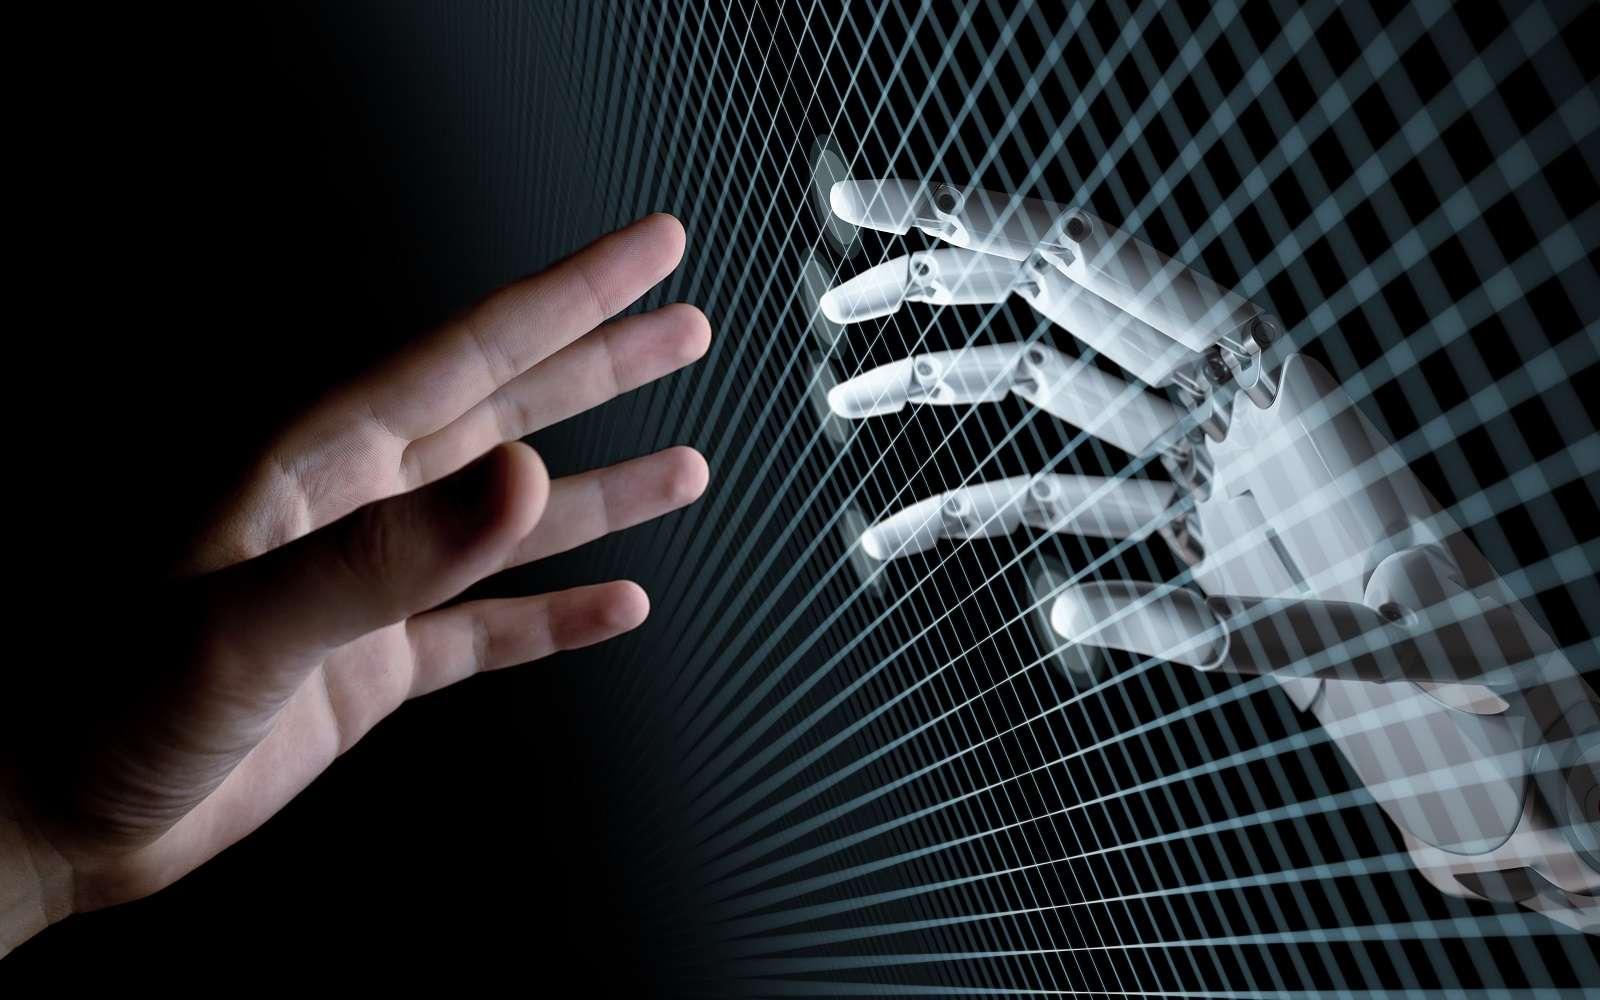 L'intelligence artificielle est souvent l'objet de fantasme de par sa représentation sous forme de robot. © Sergey, Adobe Stock.